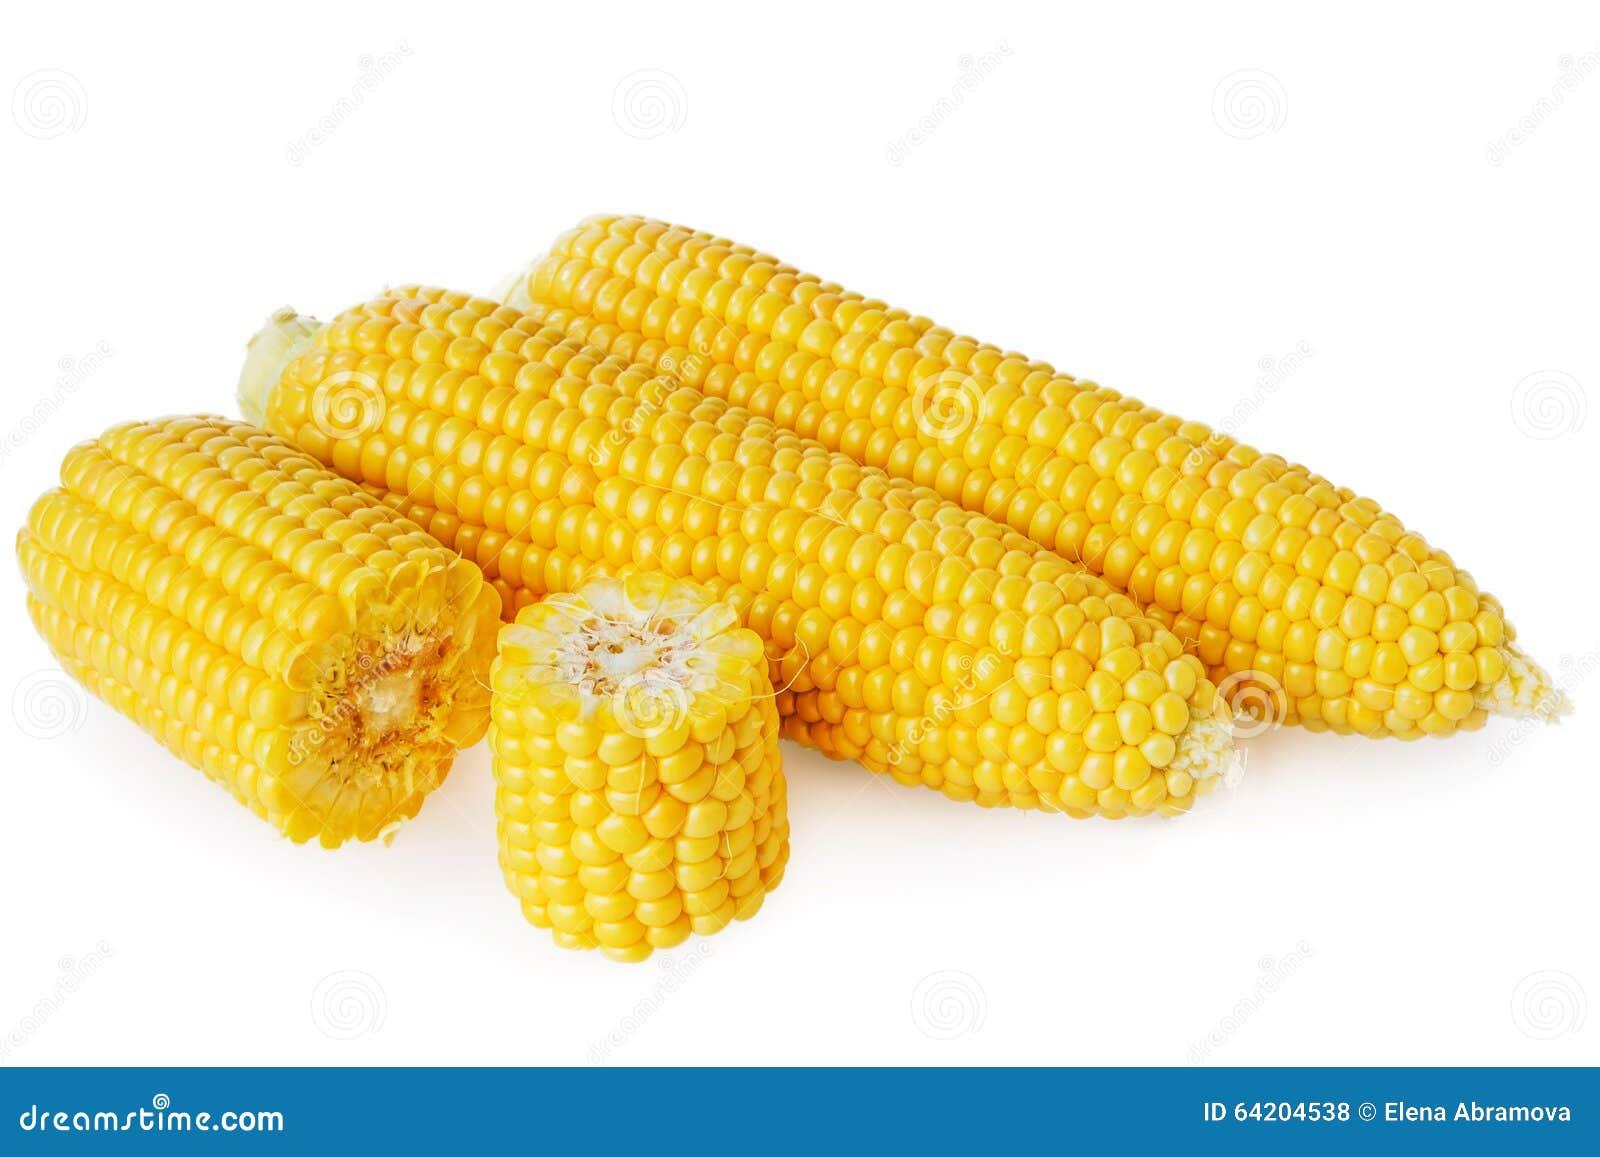 Una espiga de trigo aislada en un fondo blanco